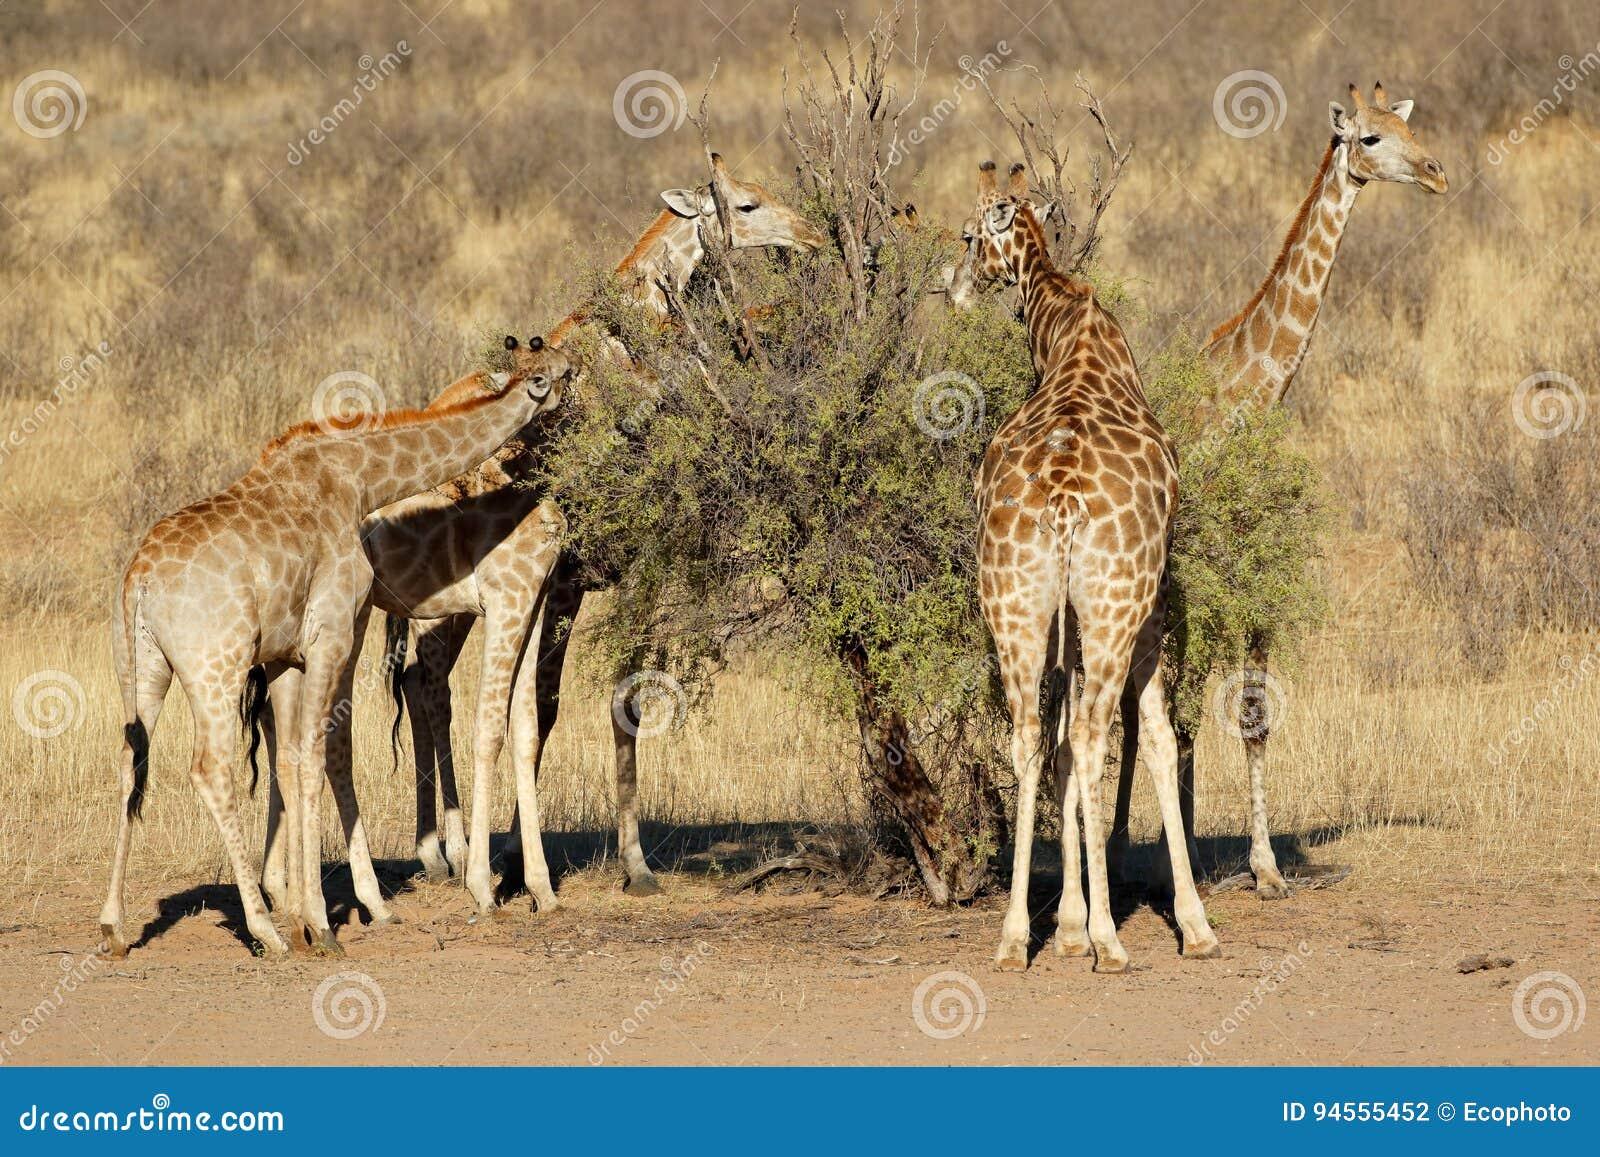 Giraffes feeding on a tree